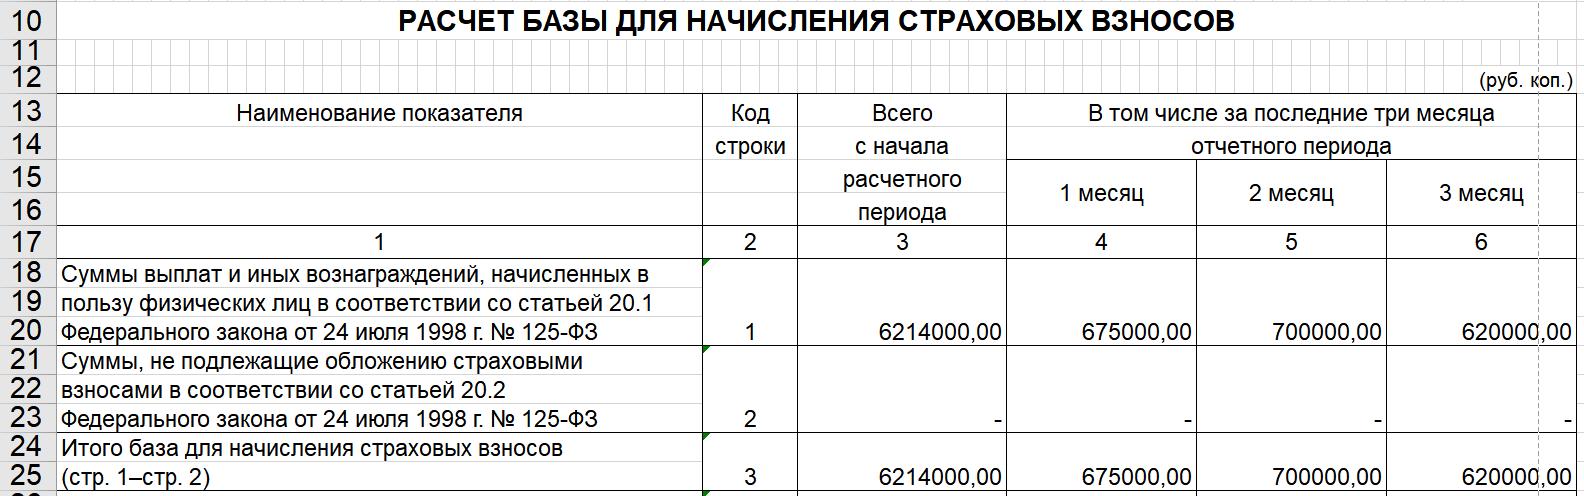 Расчет базы для начисления страховых взносов